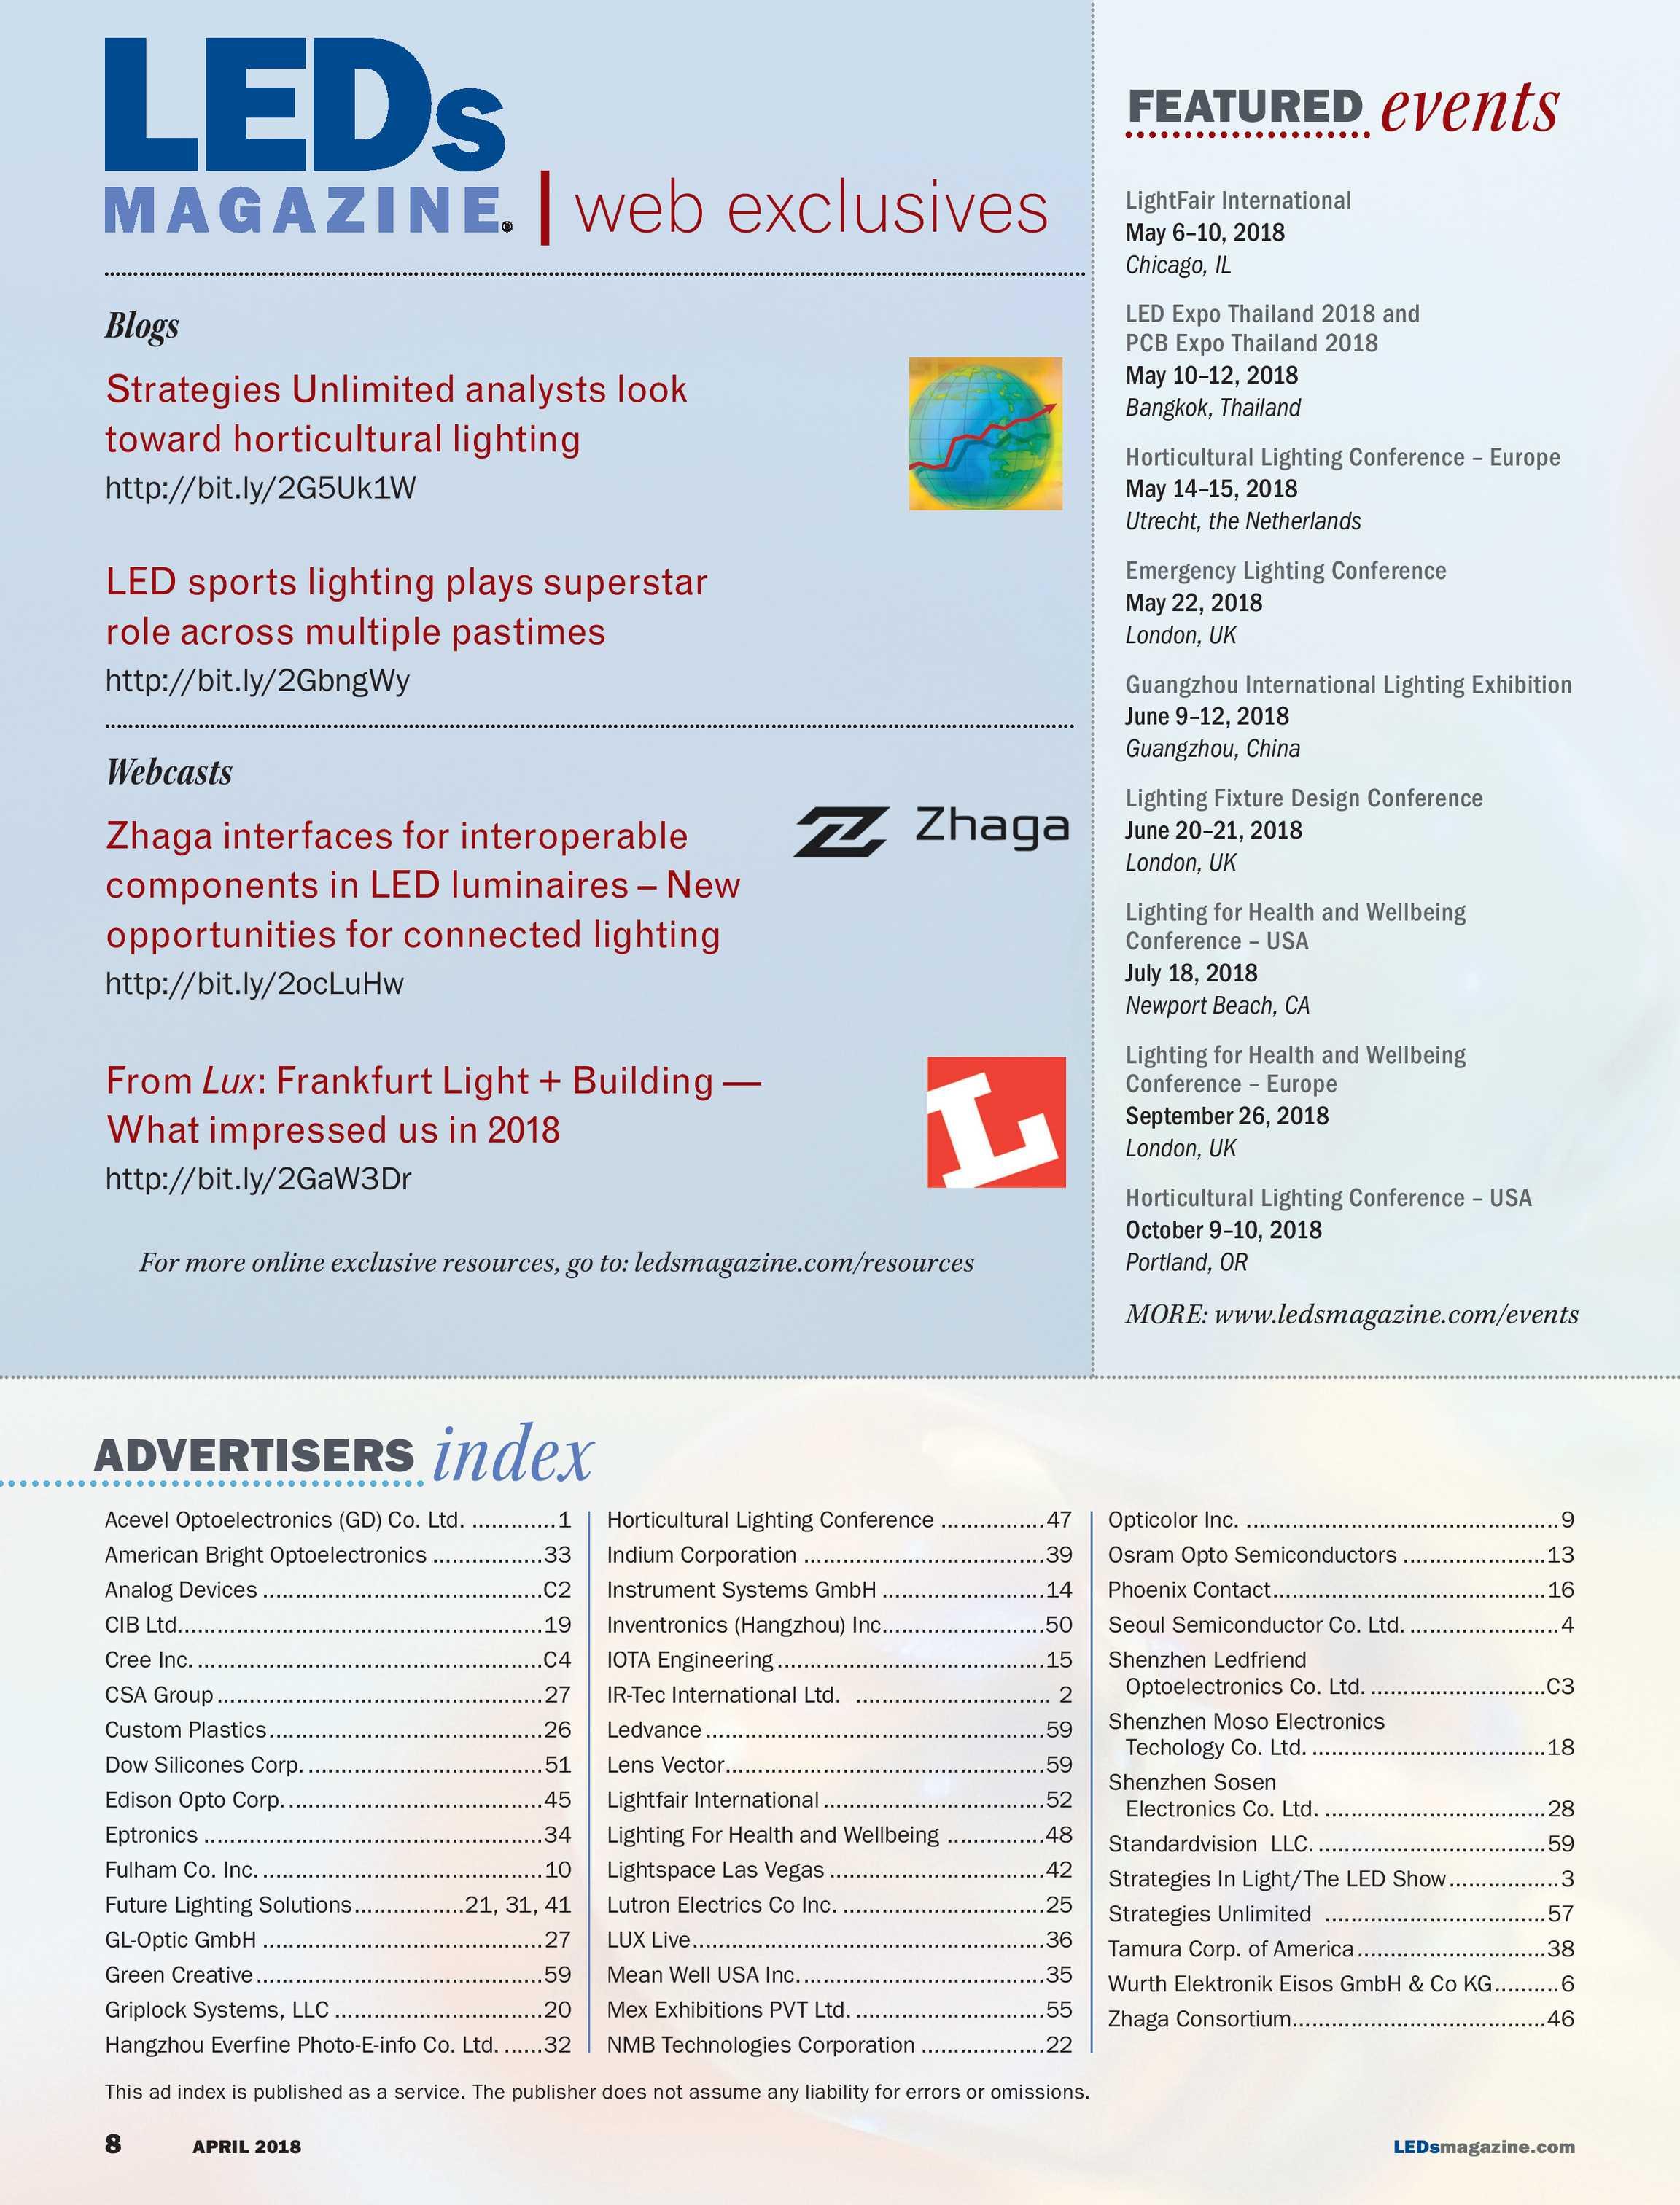 LEDs Magazine - April 2018 - page 7